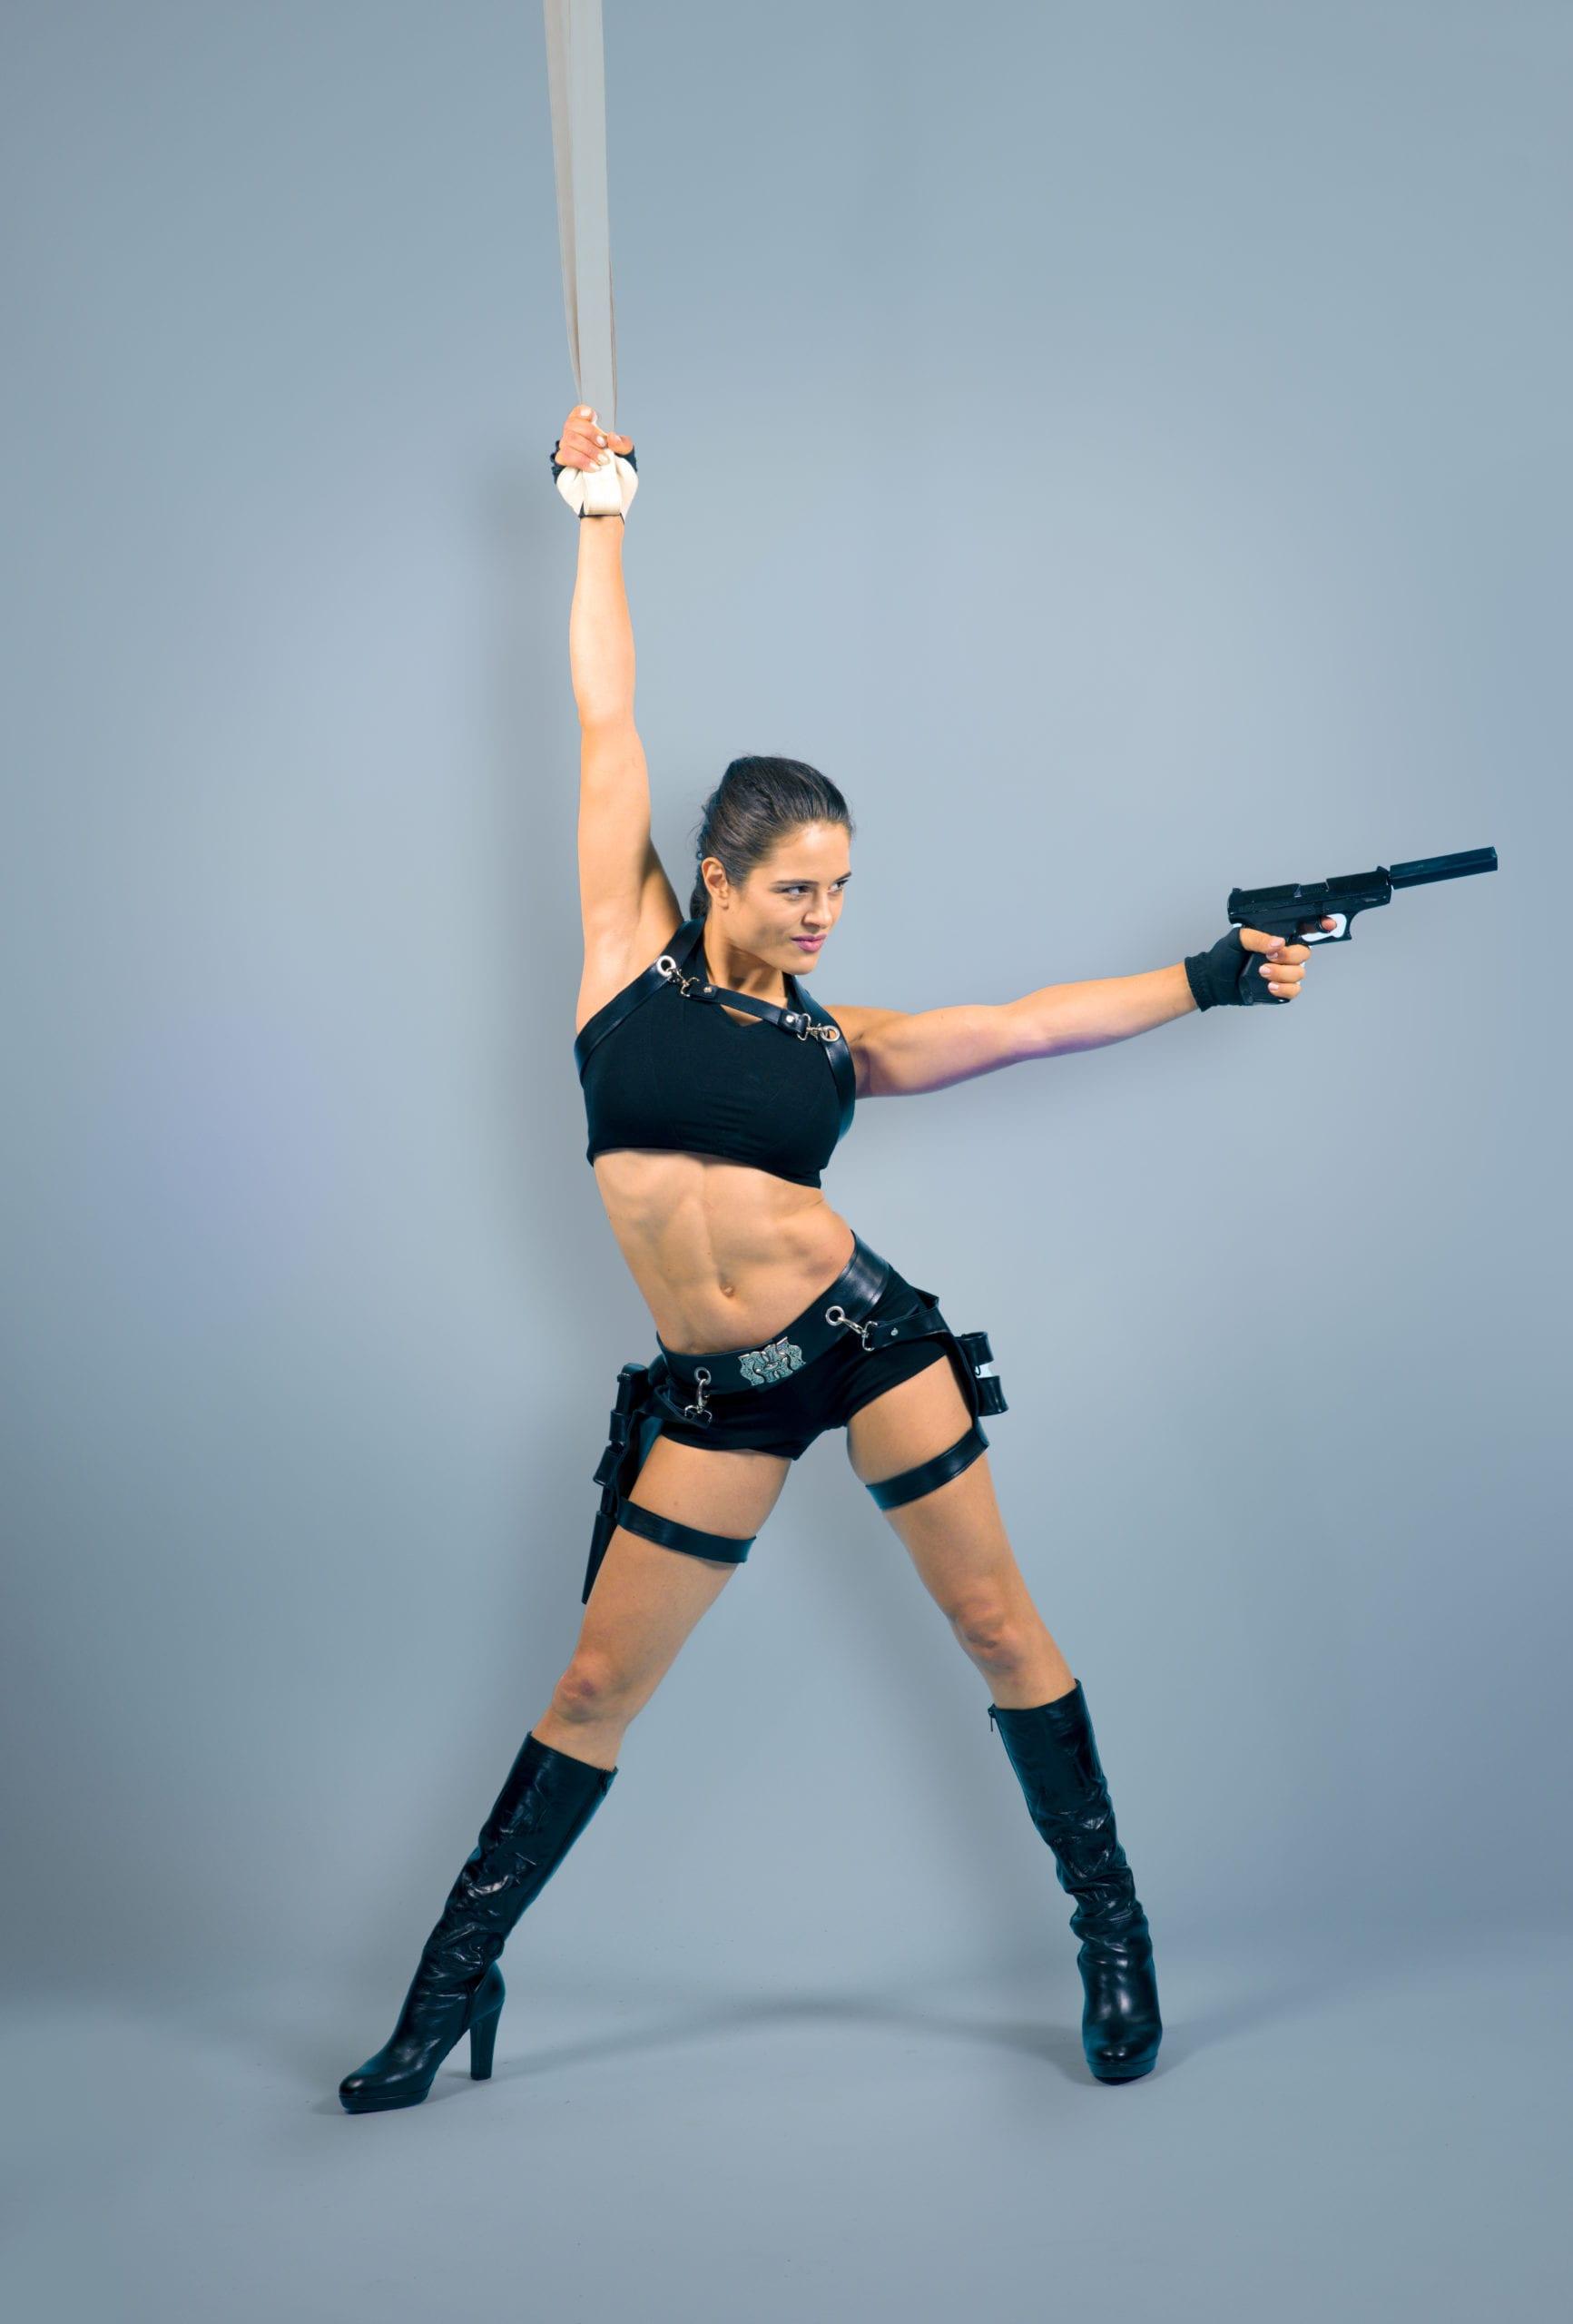 Tomb Raider Strapaten Nummer, Super Helden Luft Akrobatik für Event, Varieté, Zirkus